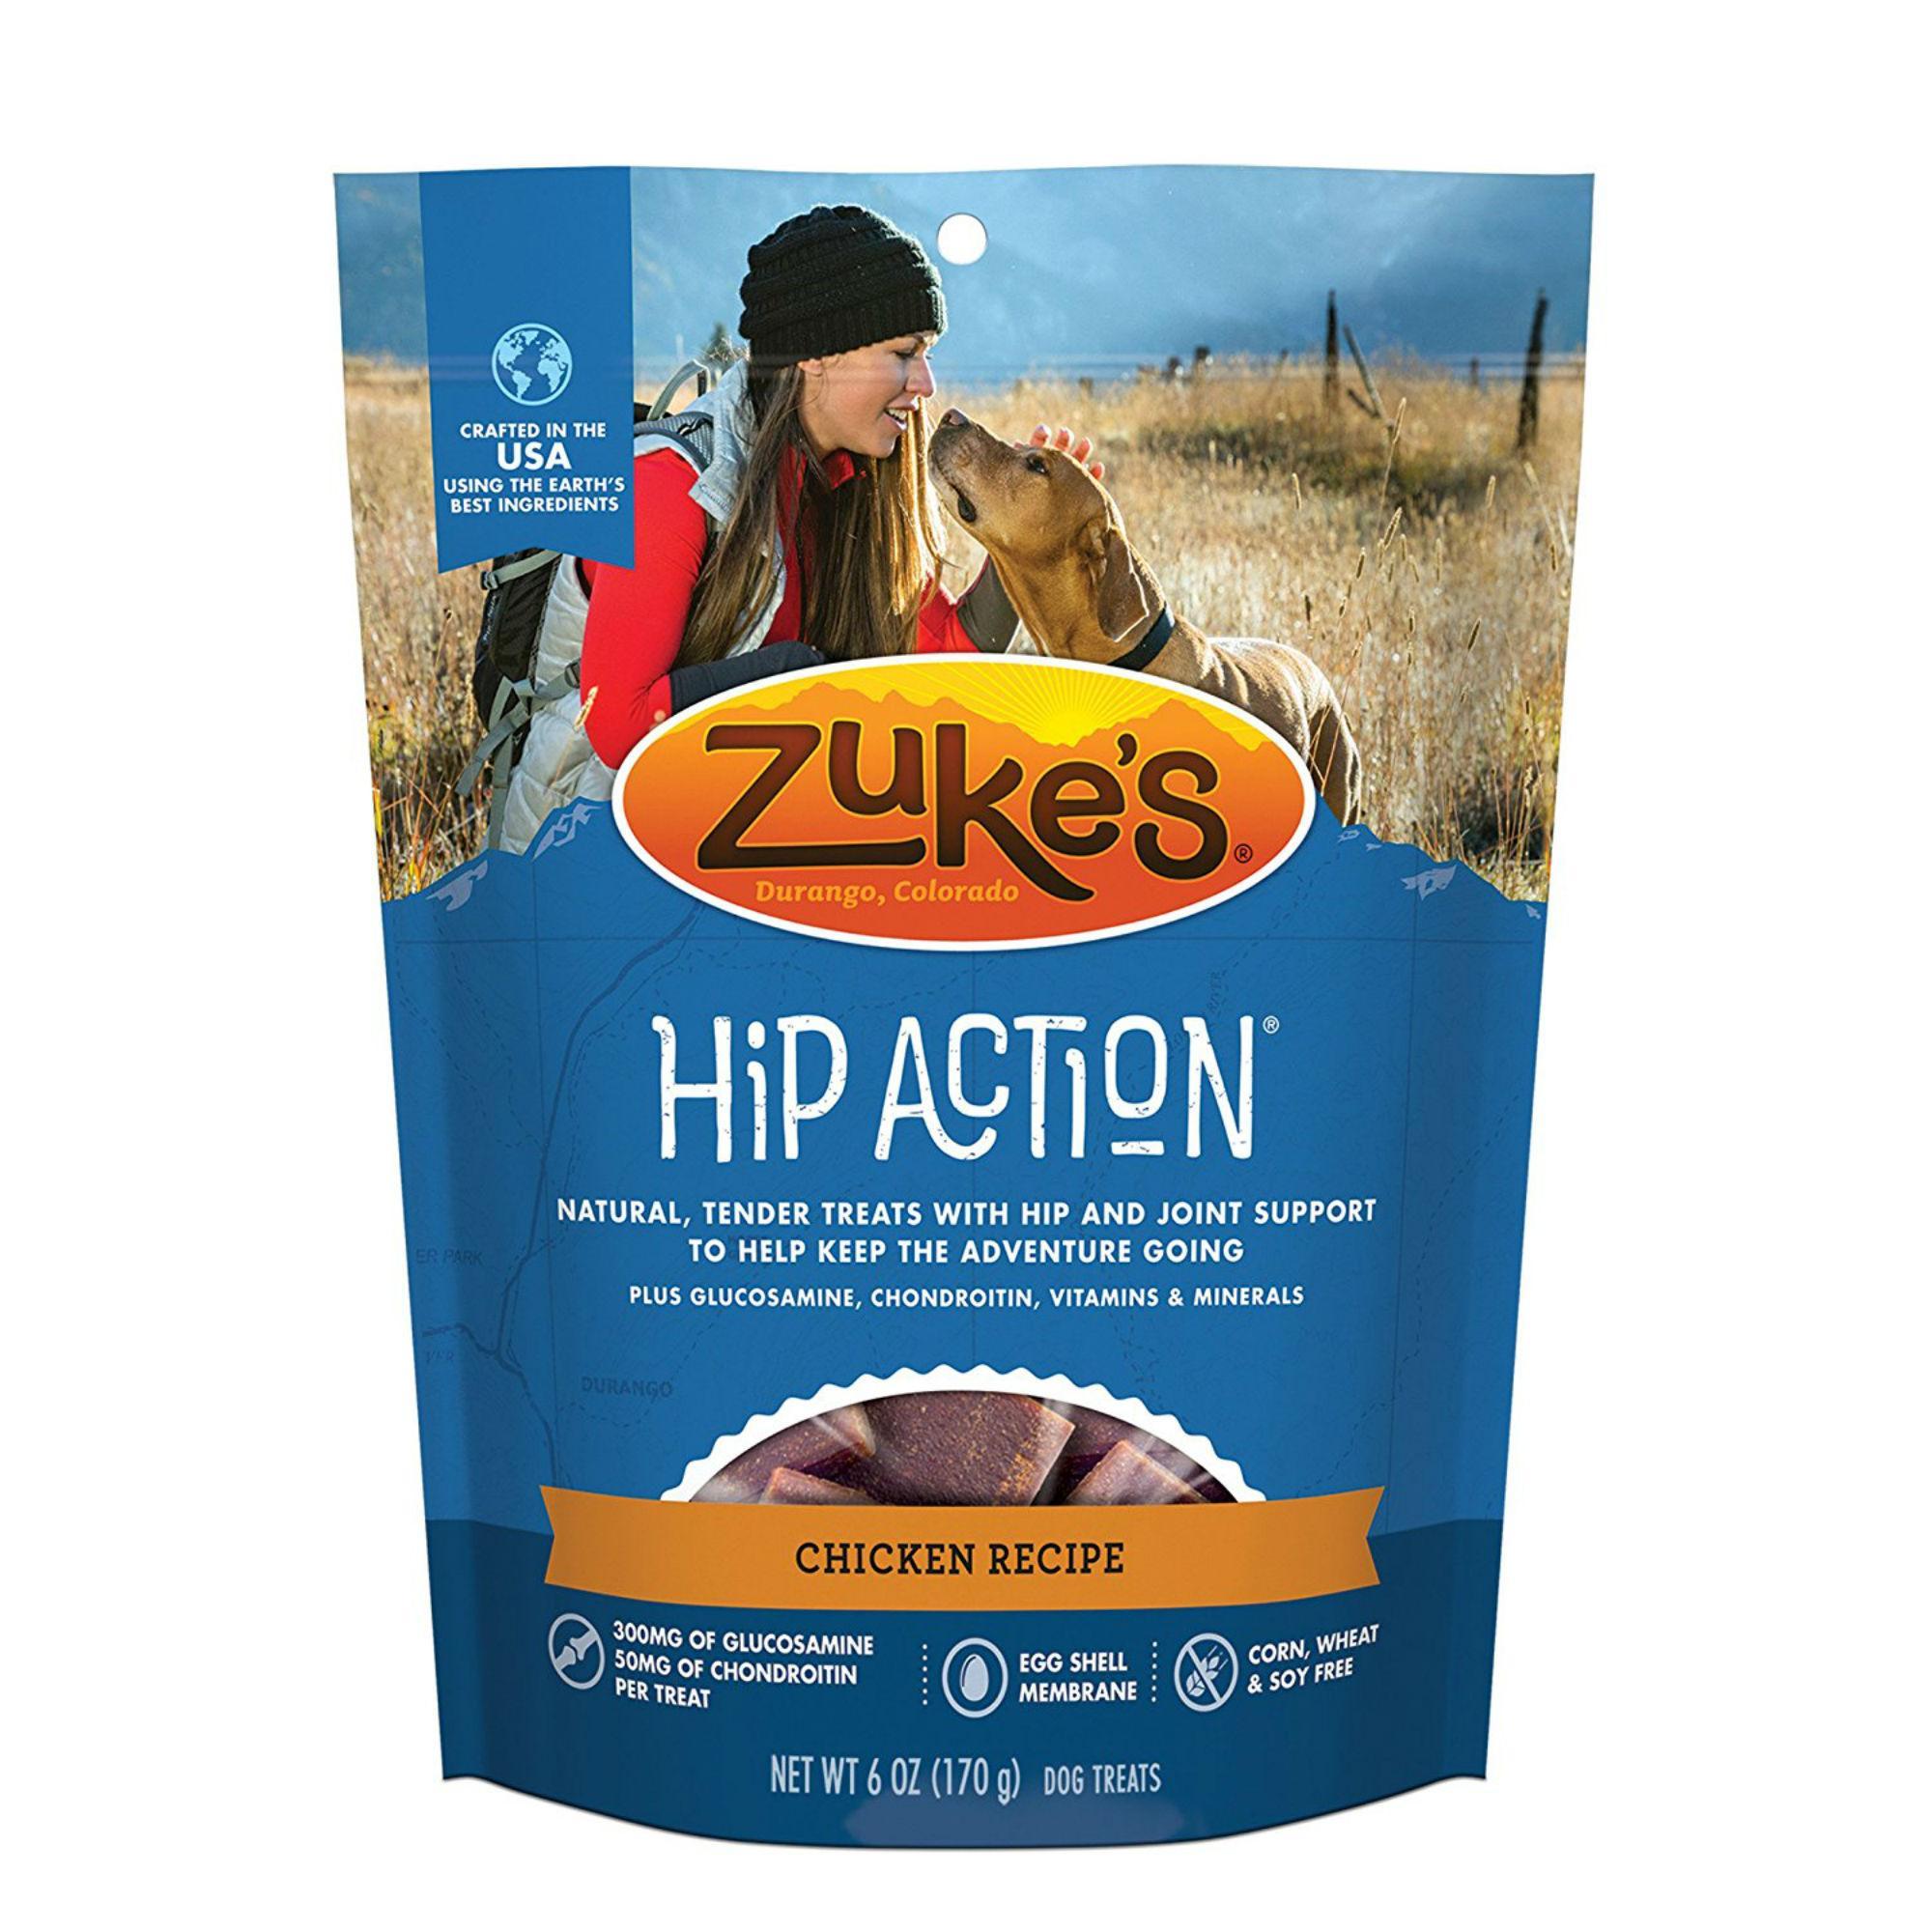 Zuke's Hip Action Support Dog Treats - Chicken